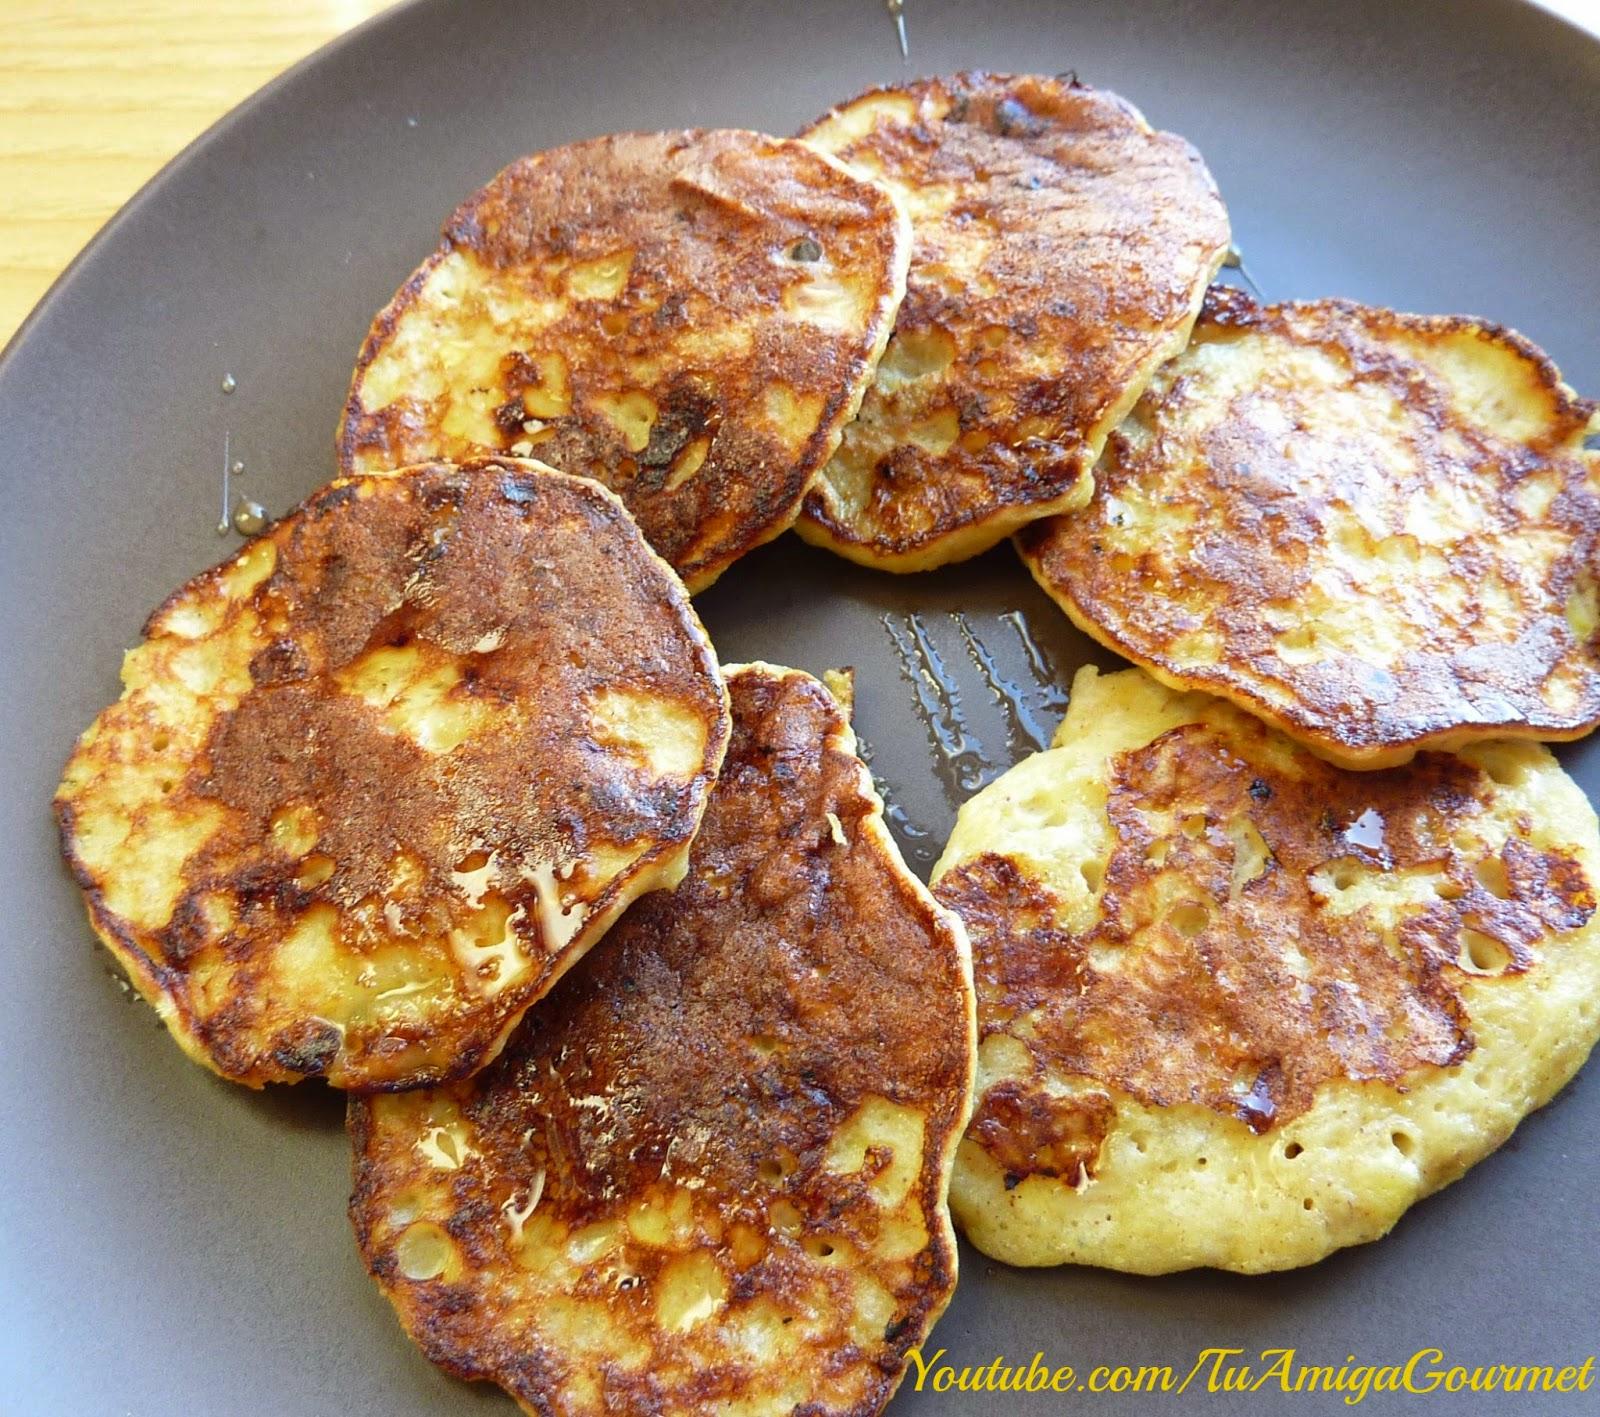 Receta: Pancakes de Banana o plátano con 3 ingredientes